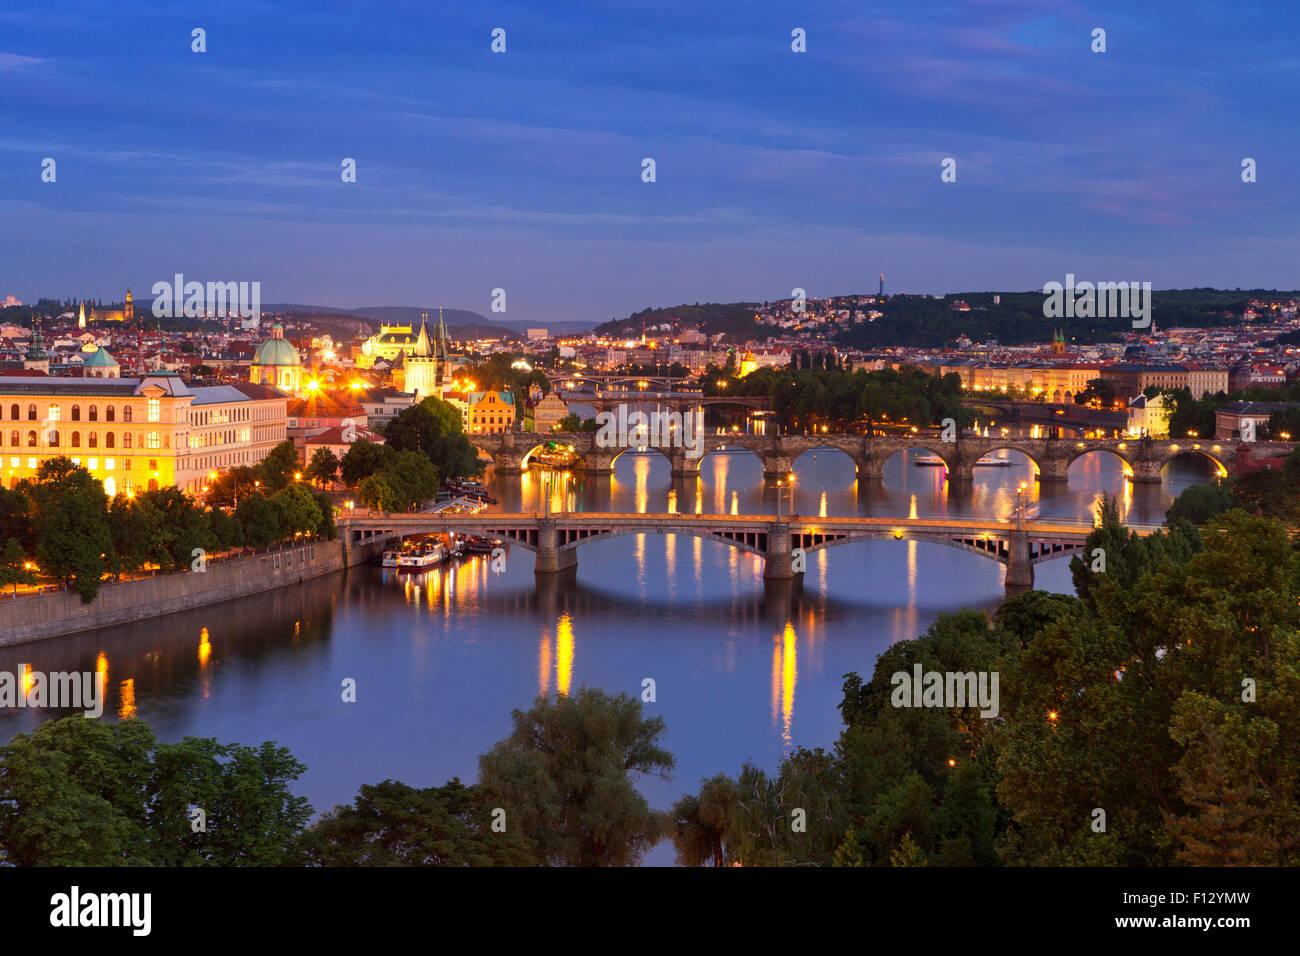 Ponts sur la rivière Vltava à Prague, République tchèque. Vu d'au-dessus de nuit. Banque D'Images